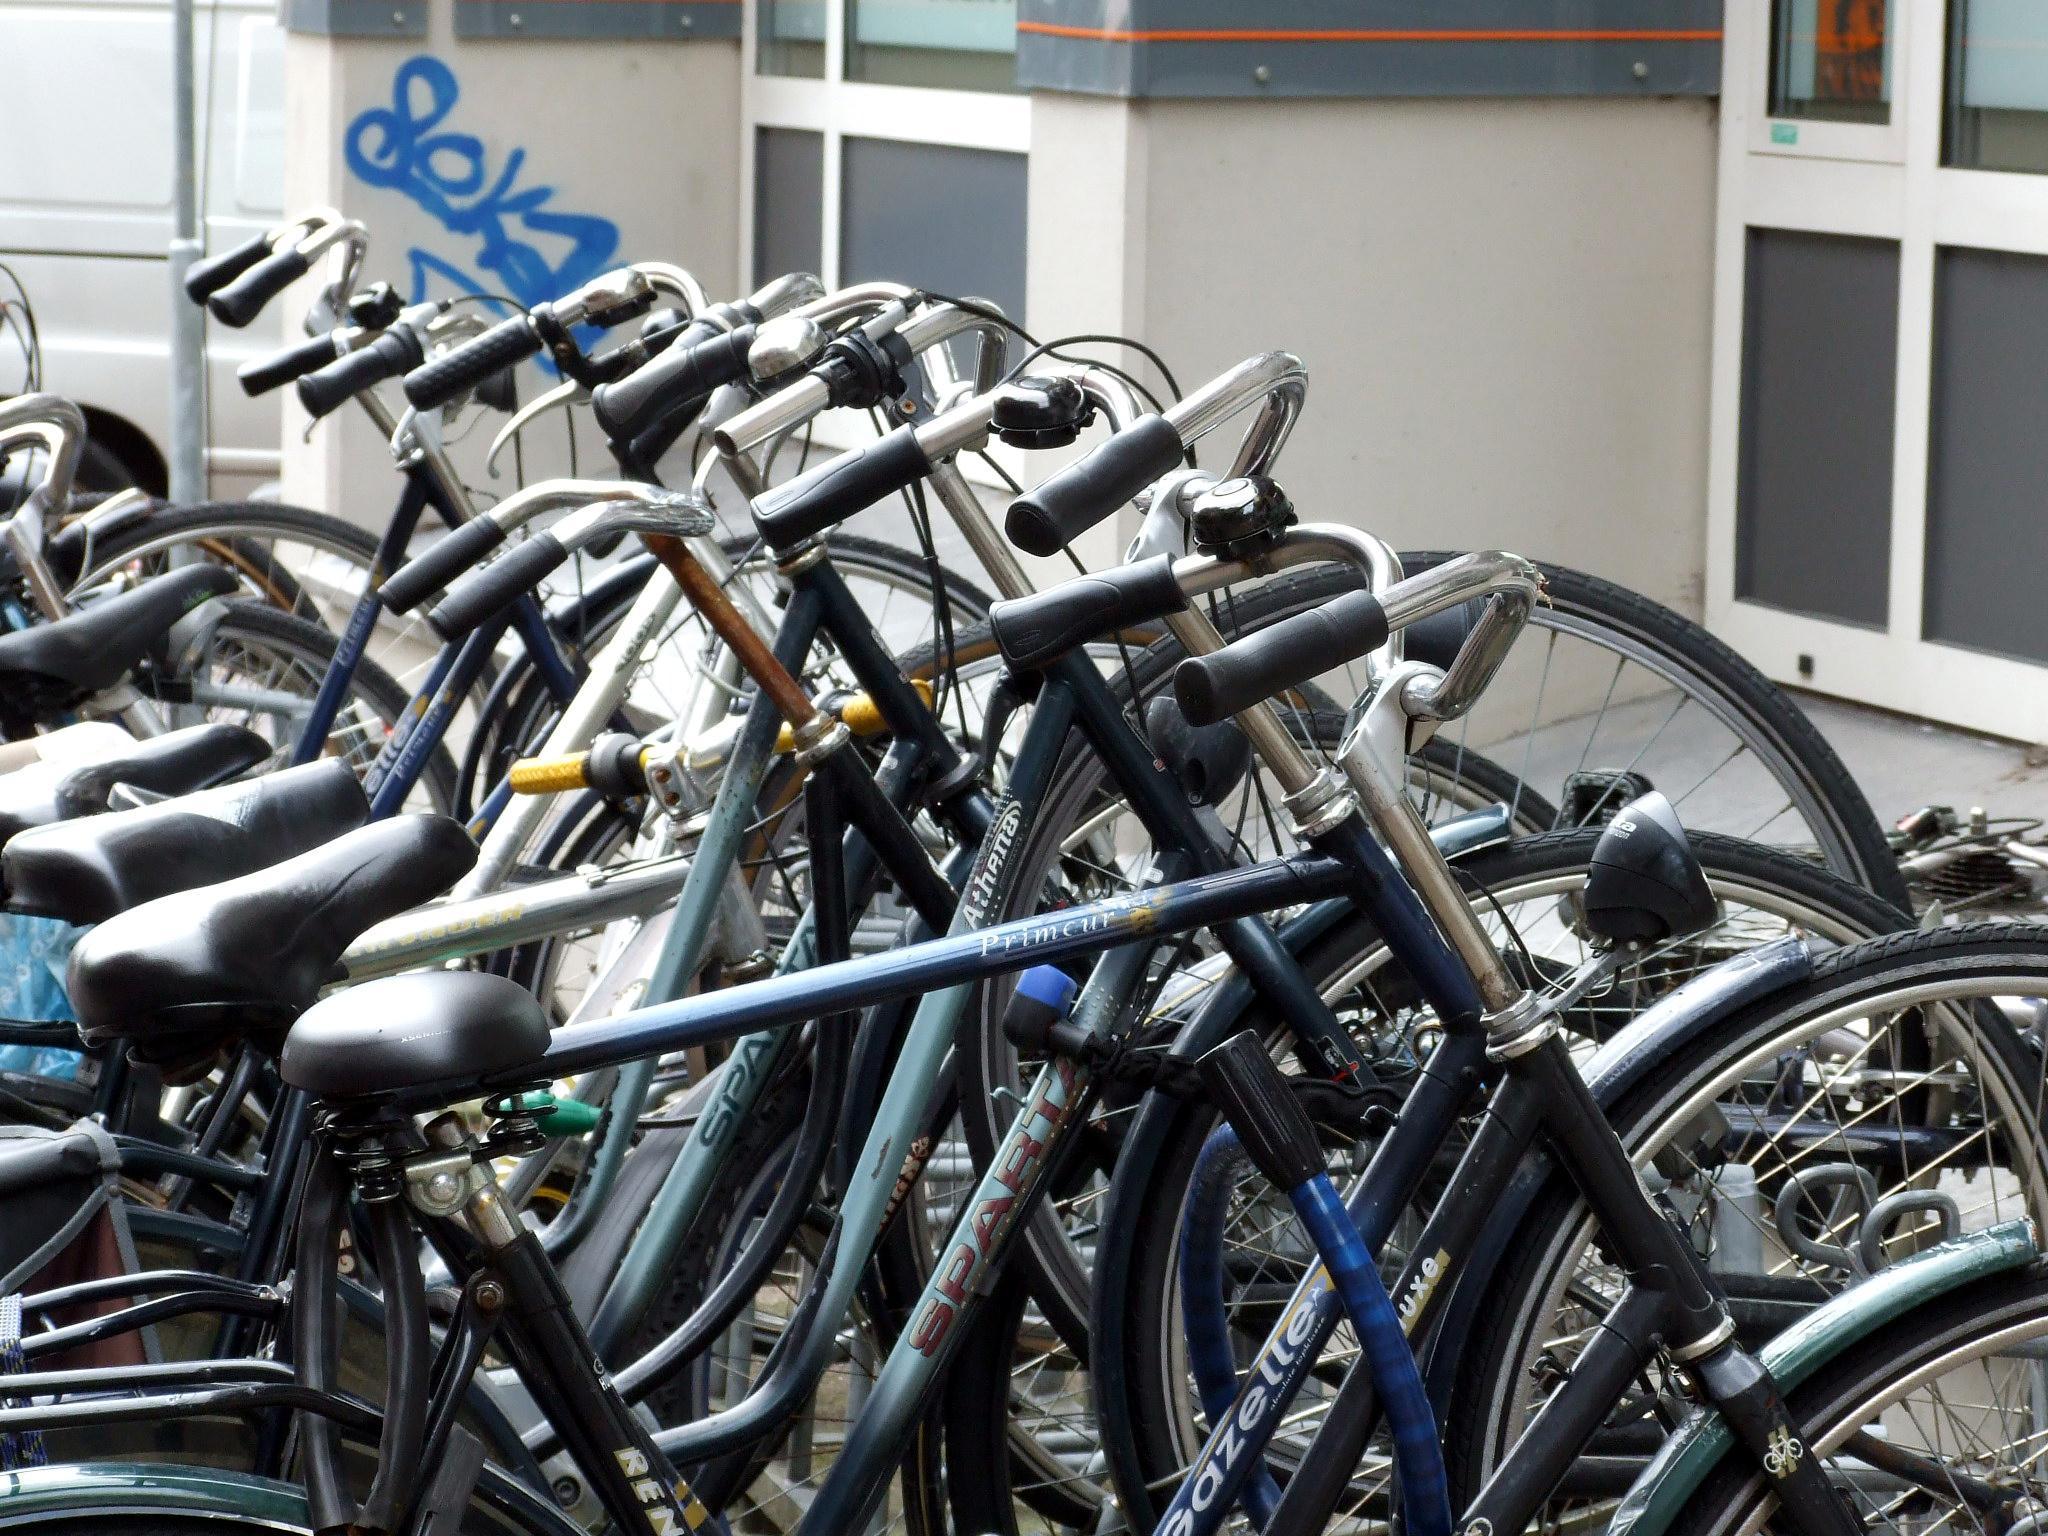 Cortina-fietsen in IJmuiden massaal verdwenen. Politie arresteert 53-jarige man